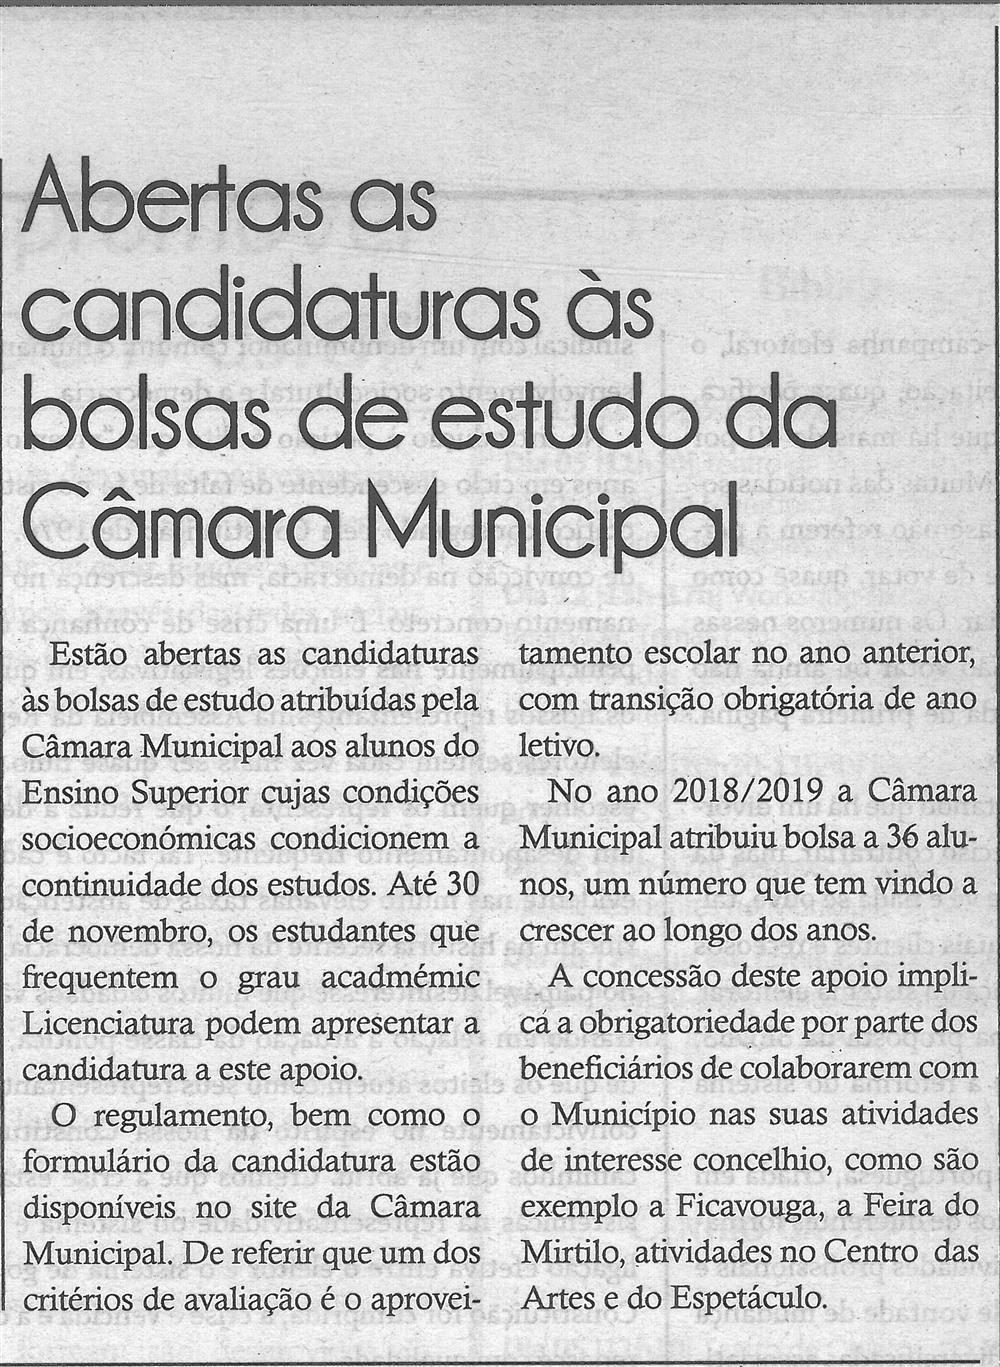 TV-out'19-p.4-Abertas as candidaturas às bolsas de estudo da Câmara Municipal.jpg